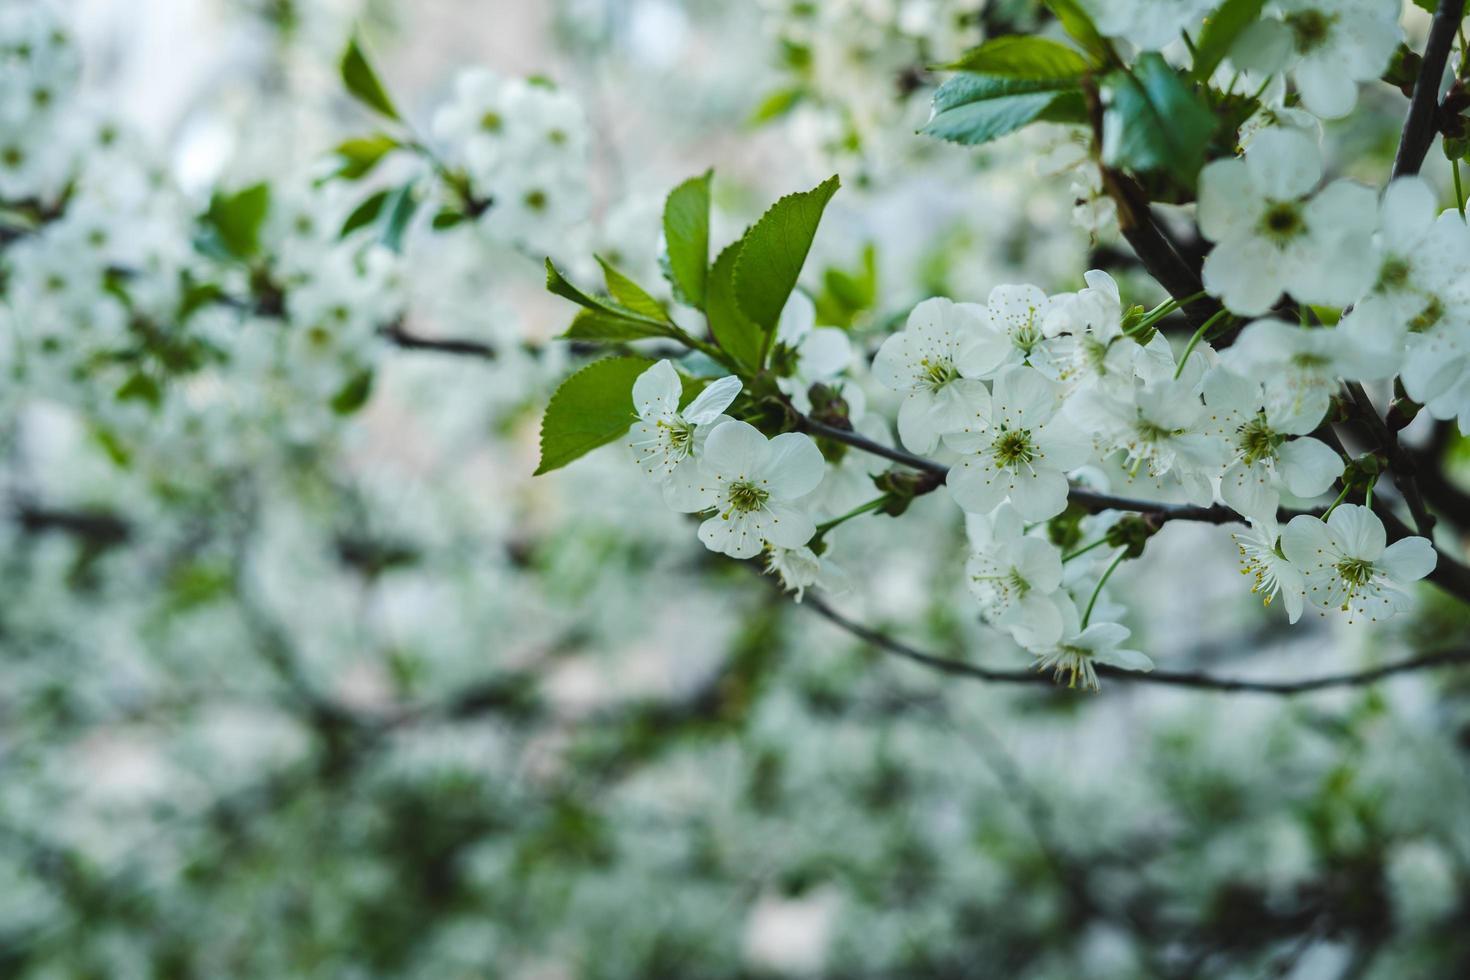 fiore di ciliegio bianco foto